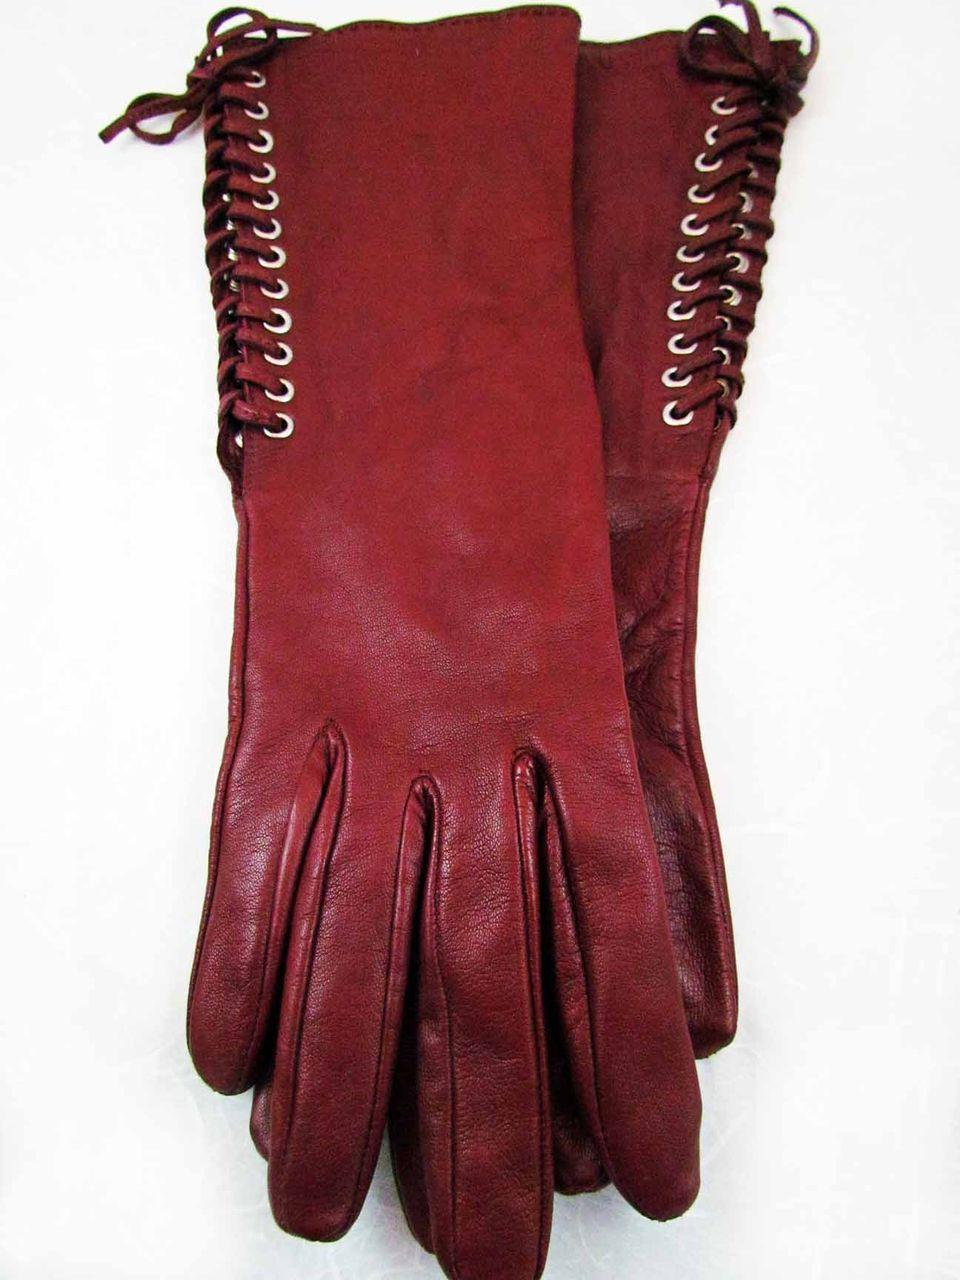 Vintage georges rech burgundy ladies leather gloves